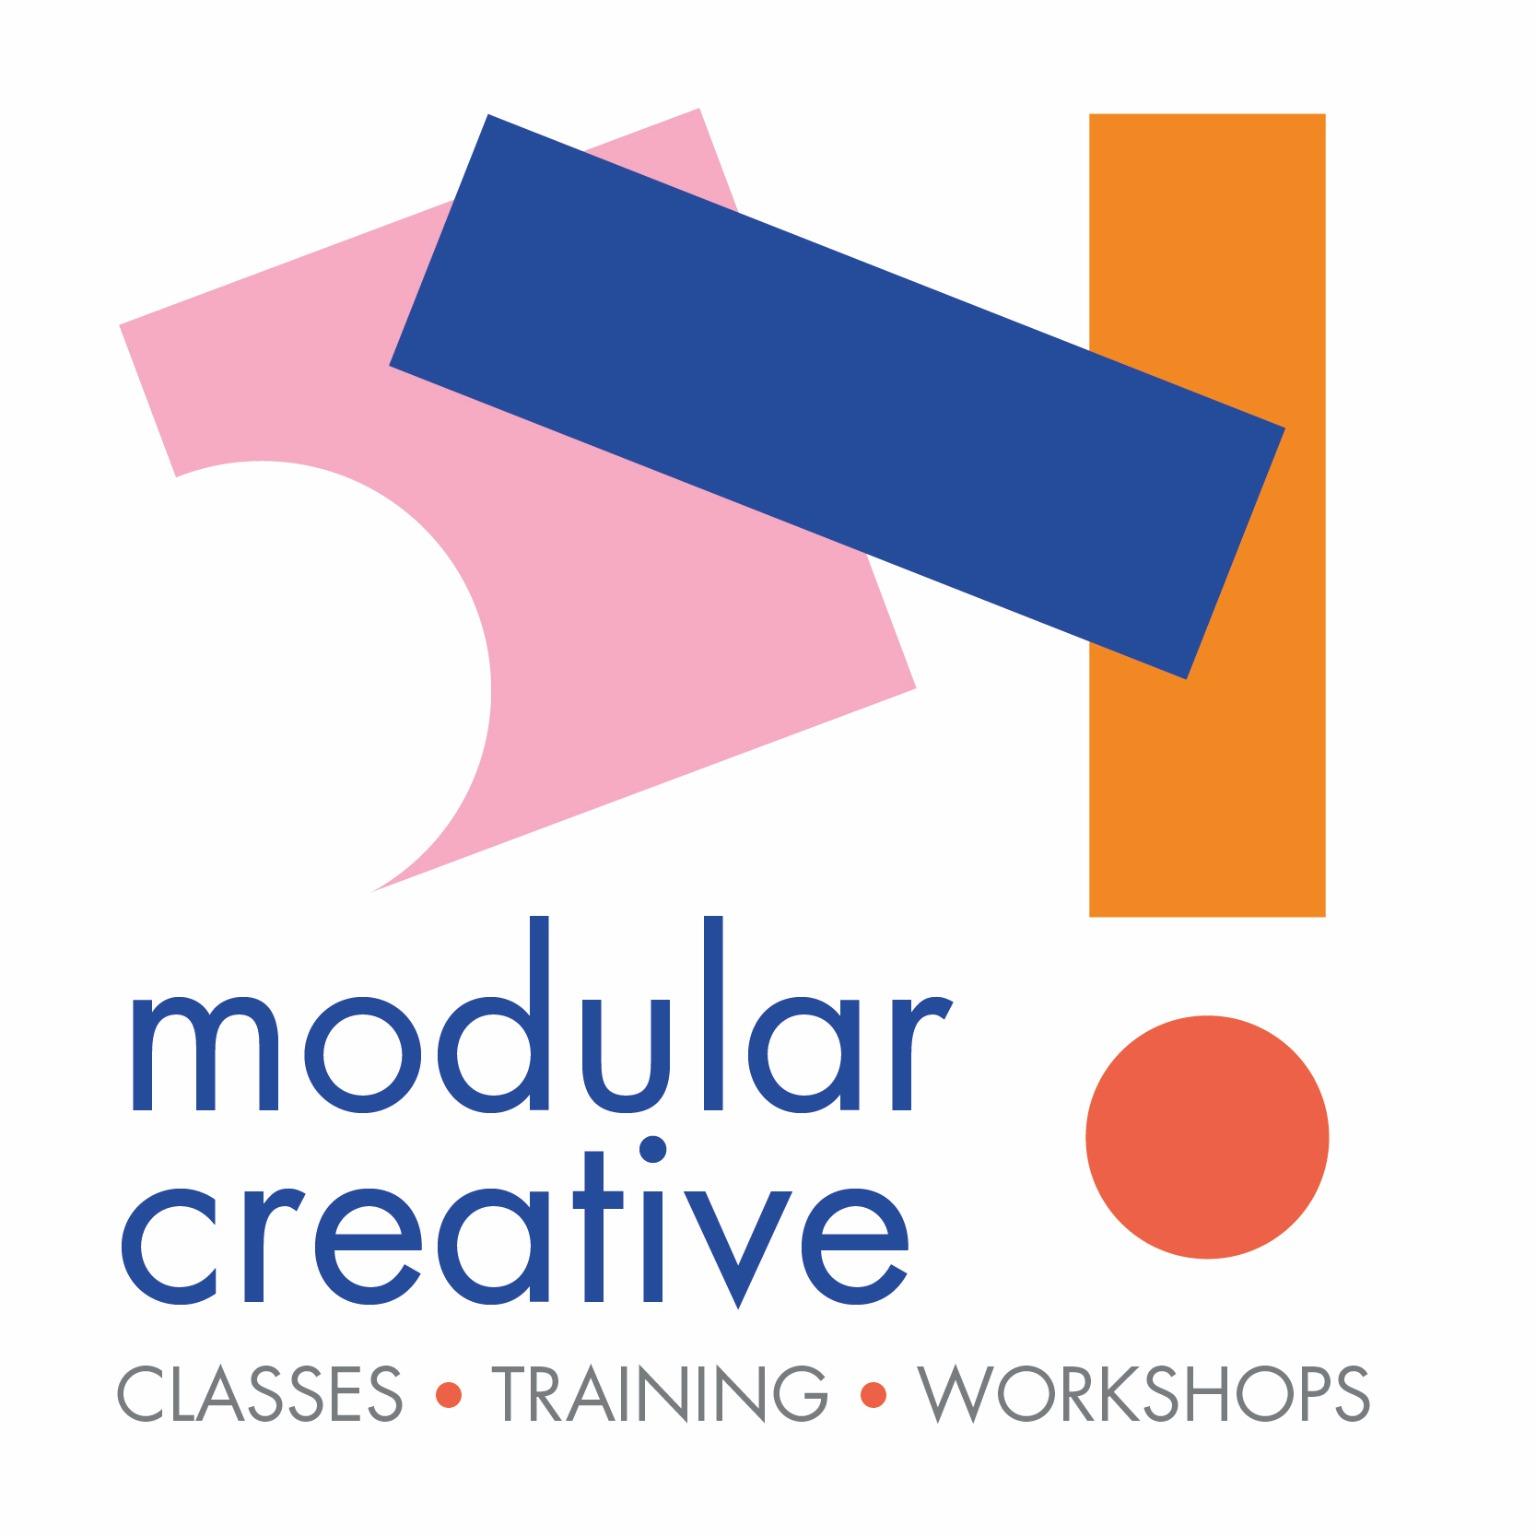 Modular Creative